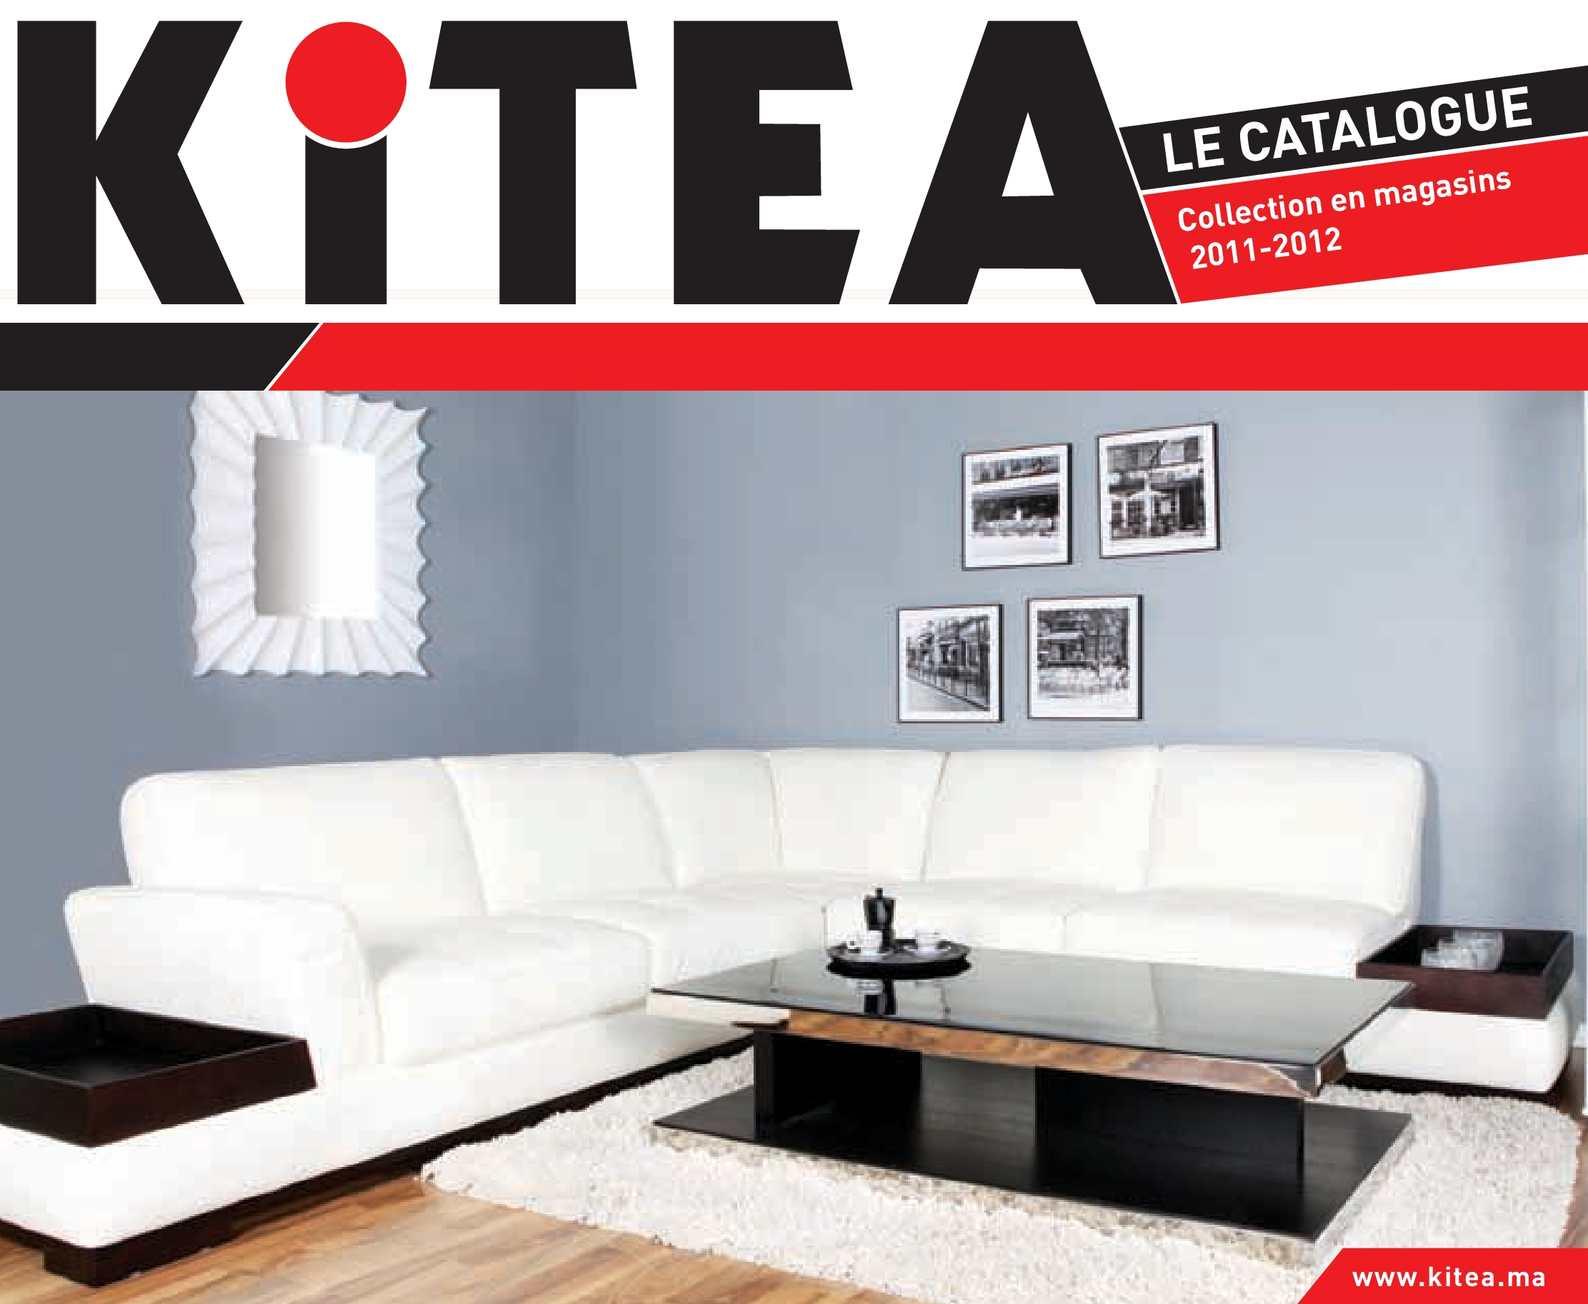 Meuble Tv Table Basse Assorti calaméo - kitéa catalogue collection 2011 - 2012